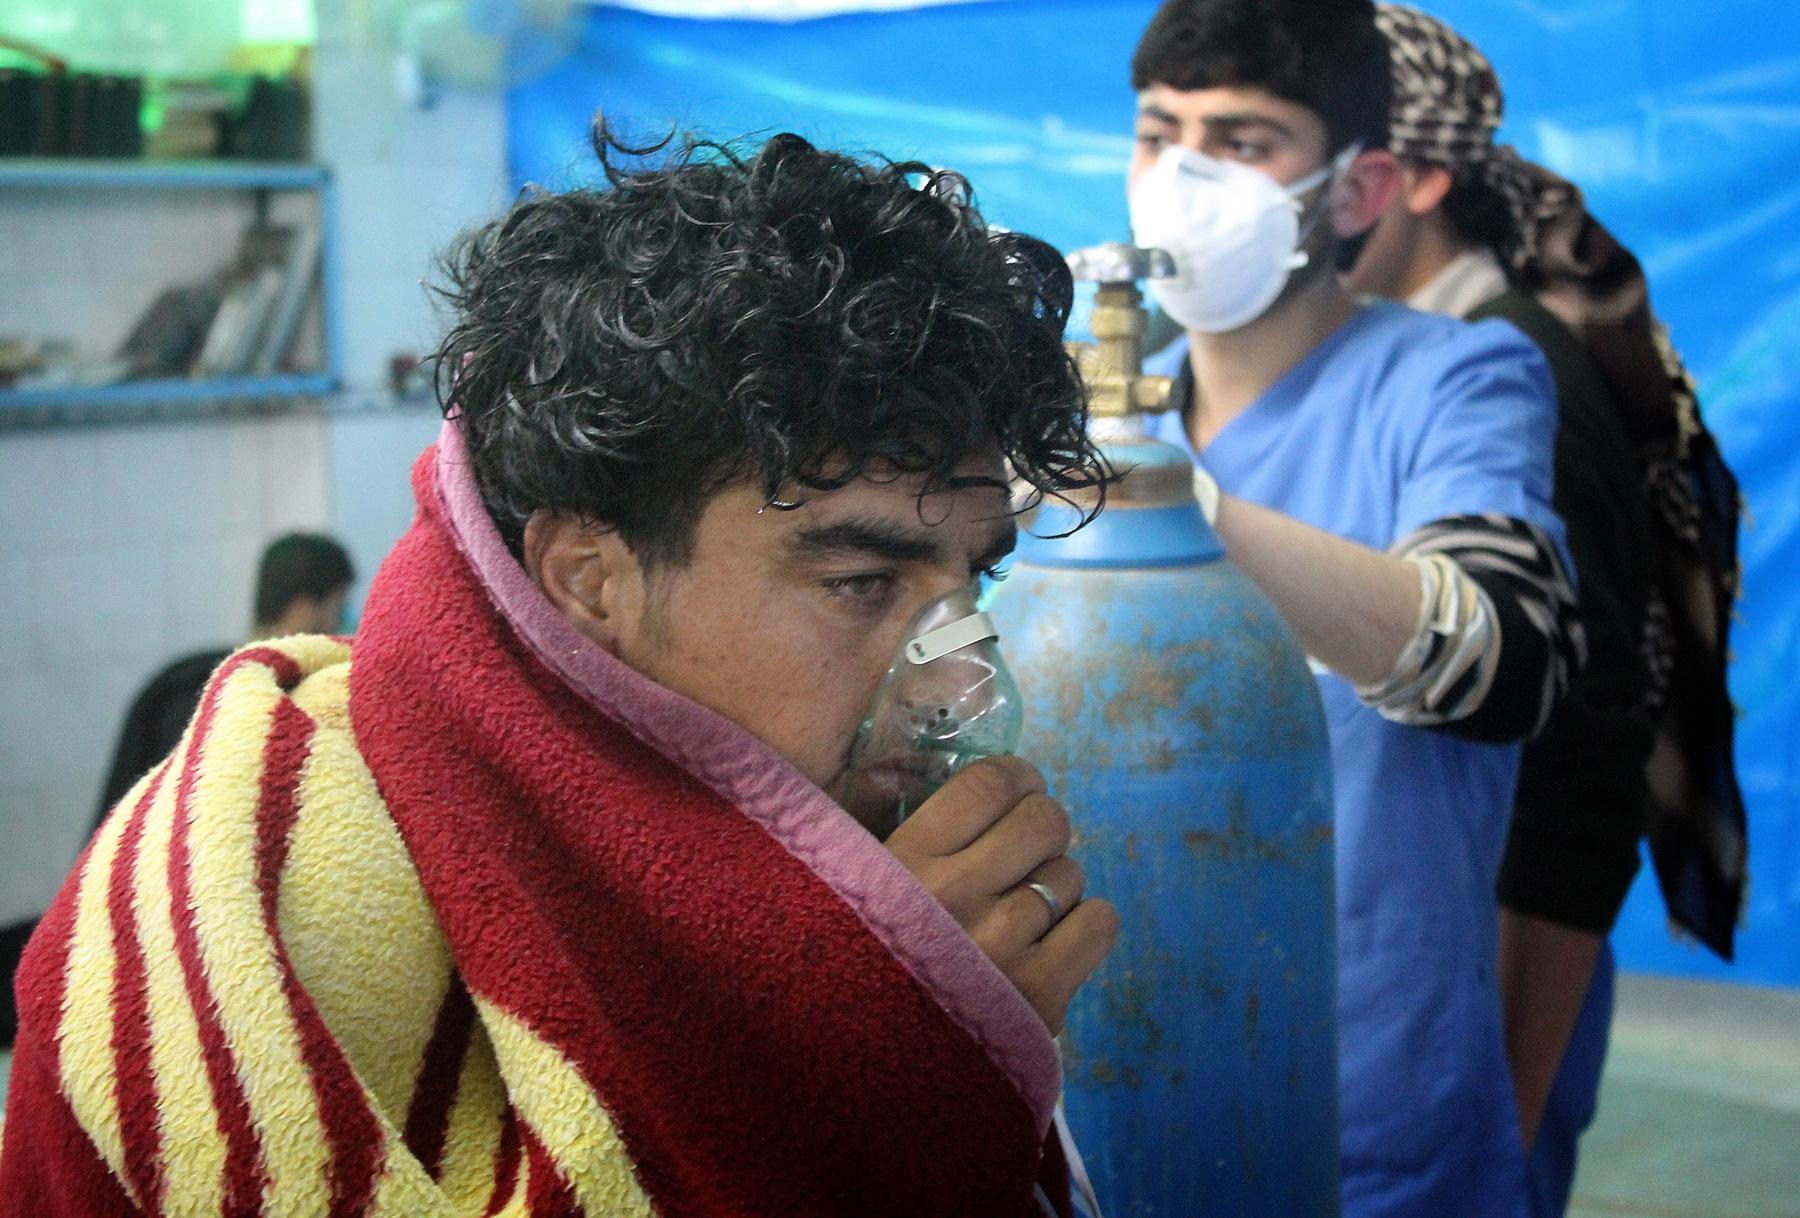 Un Syrien en train de respirer de l'oxygène dans un masque suite à une attaque à l'arme chimique (© Getty Images)